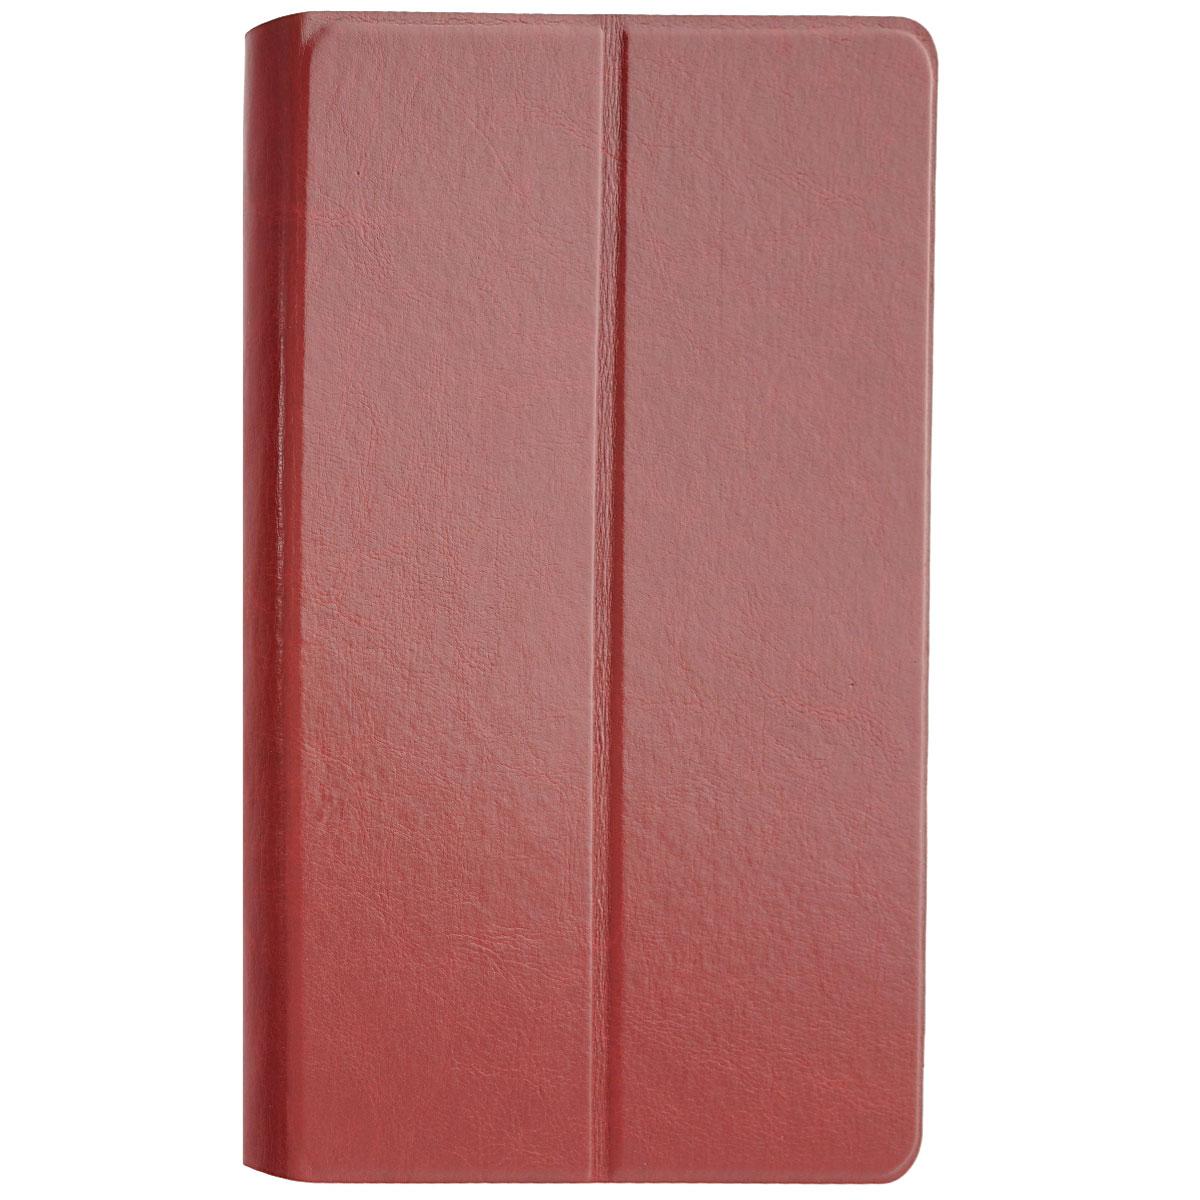 Tutti Frutti Duplex чехол для Apple iPad Air, Red WhiteTF182003Tutti Frutti Duplex - аксессуар, который защитит ваше устройство от внешних воздействий, грязи, пыли, брызг. Чехол также поможет при ударах и падениях, смягчая удары, не позволяя образовываться на корпусе царапинам и потертостям. Кроме того, он будет незаменим при длительной транспортировке устройства.